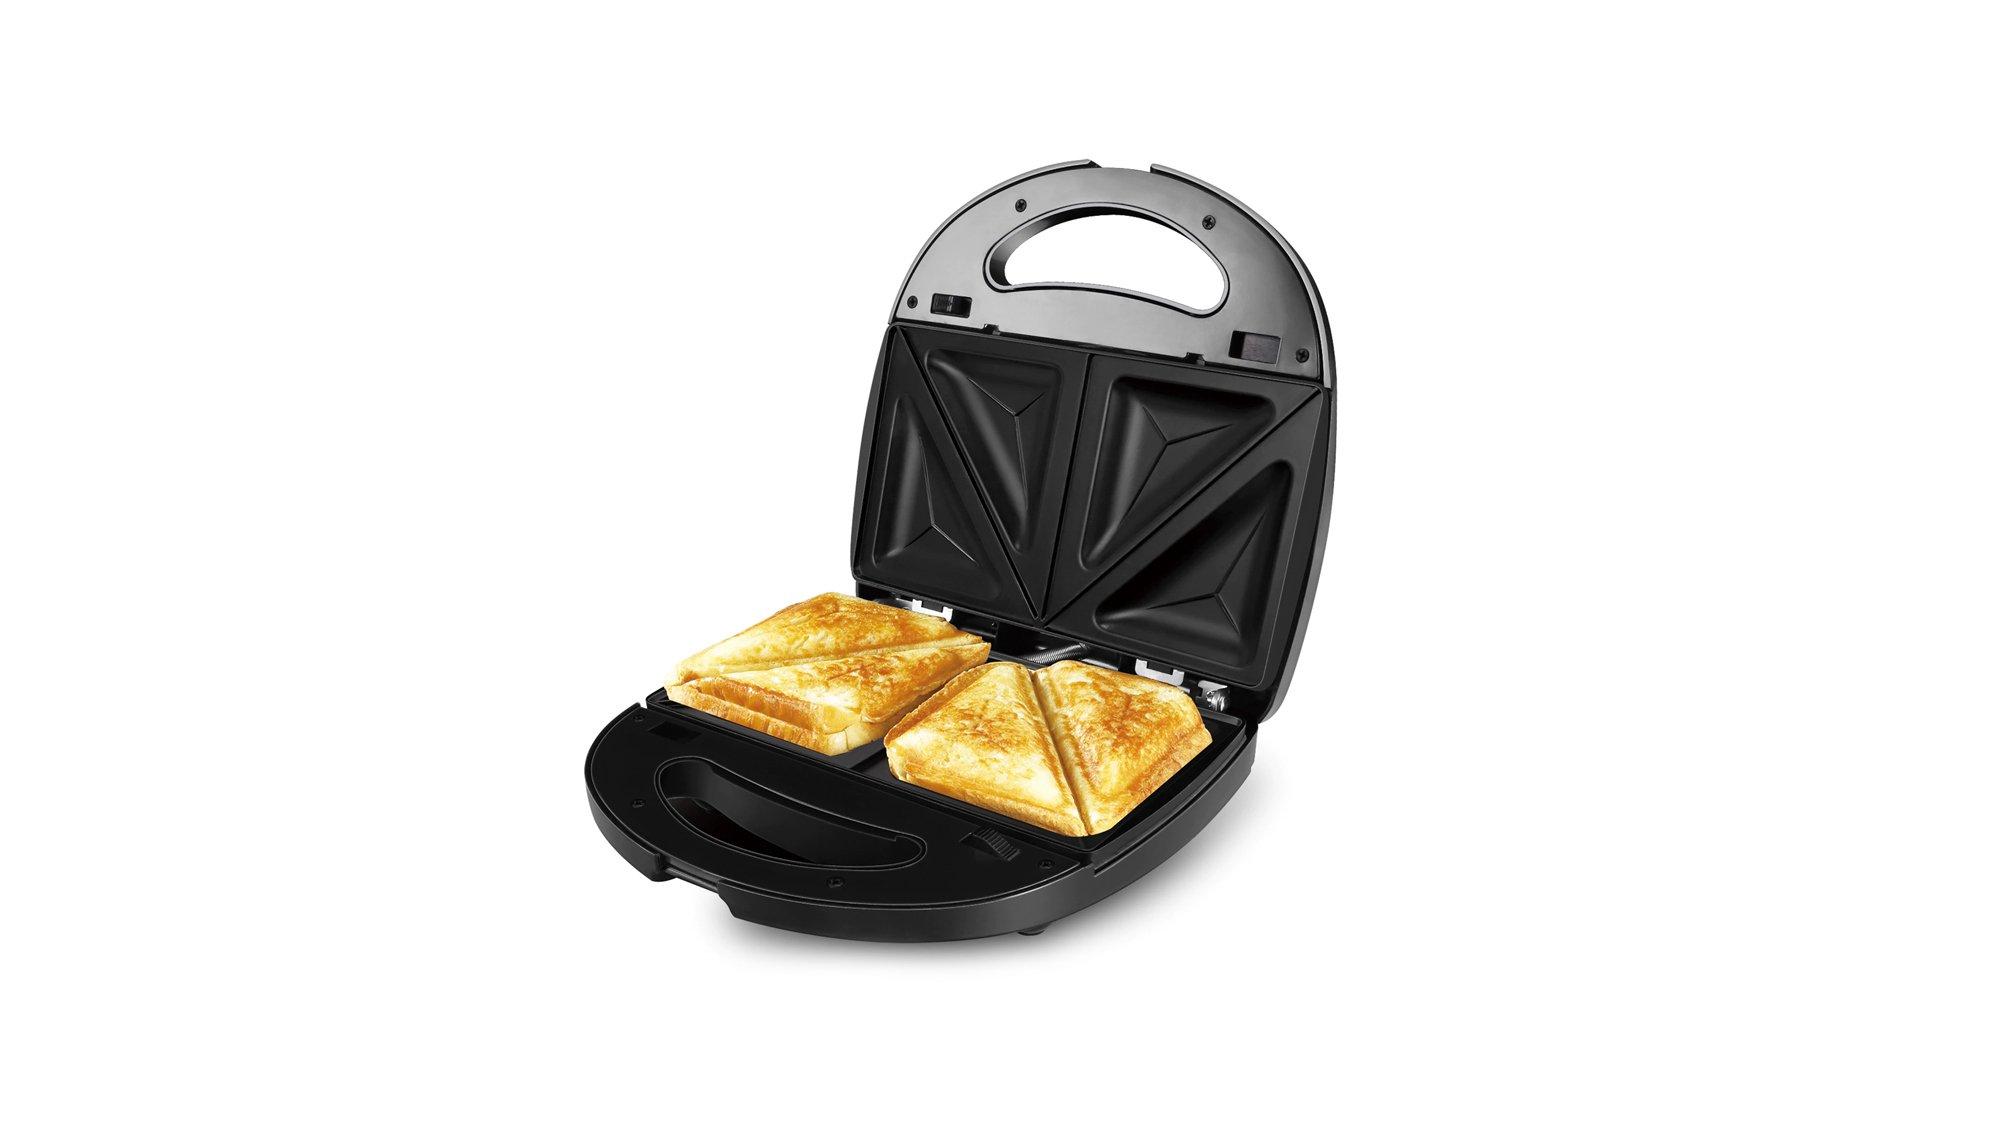 Sonifer Tostier Sandwich Maker, 750 W, SF-6053